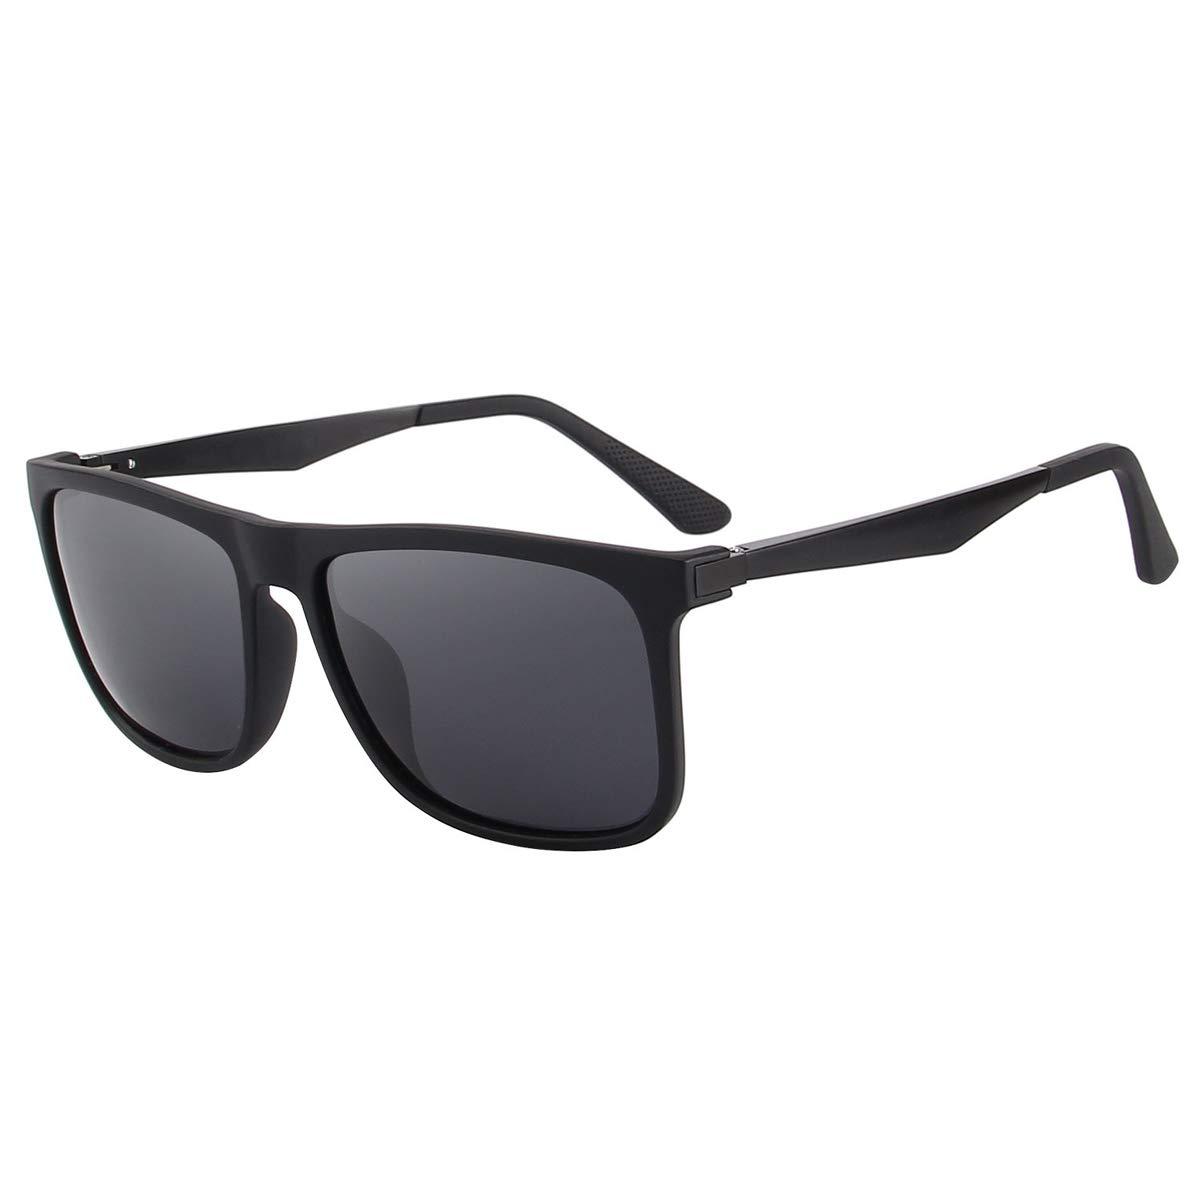 6bf2026983 CHEREEKI Polarizzate Occhiali da Sole Classico Unisex Corno in Rotazione  UV400 per Uomini Donne Ciclismo Equitazione in Esecuzione Pesca Occhiali da  Golf ...